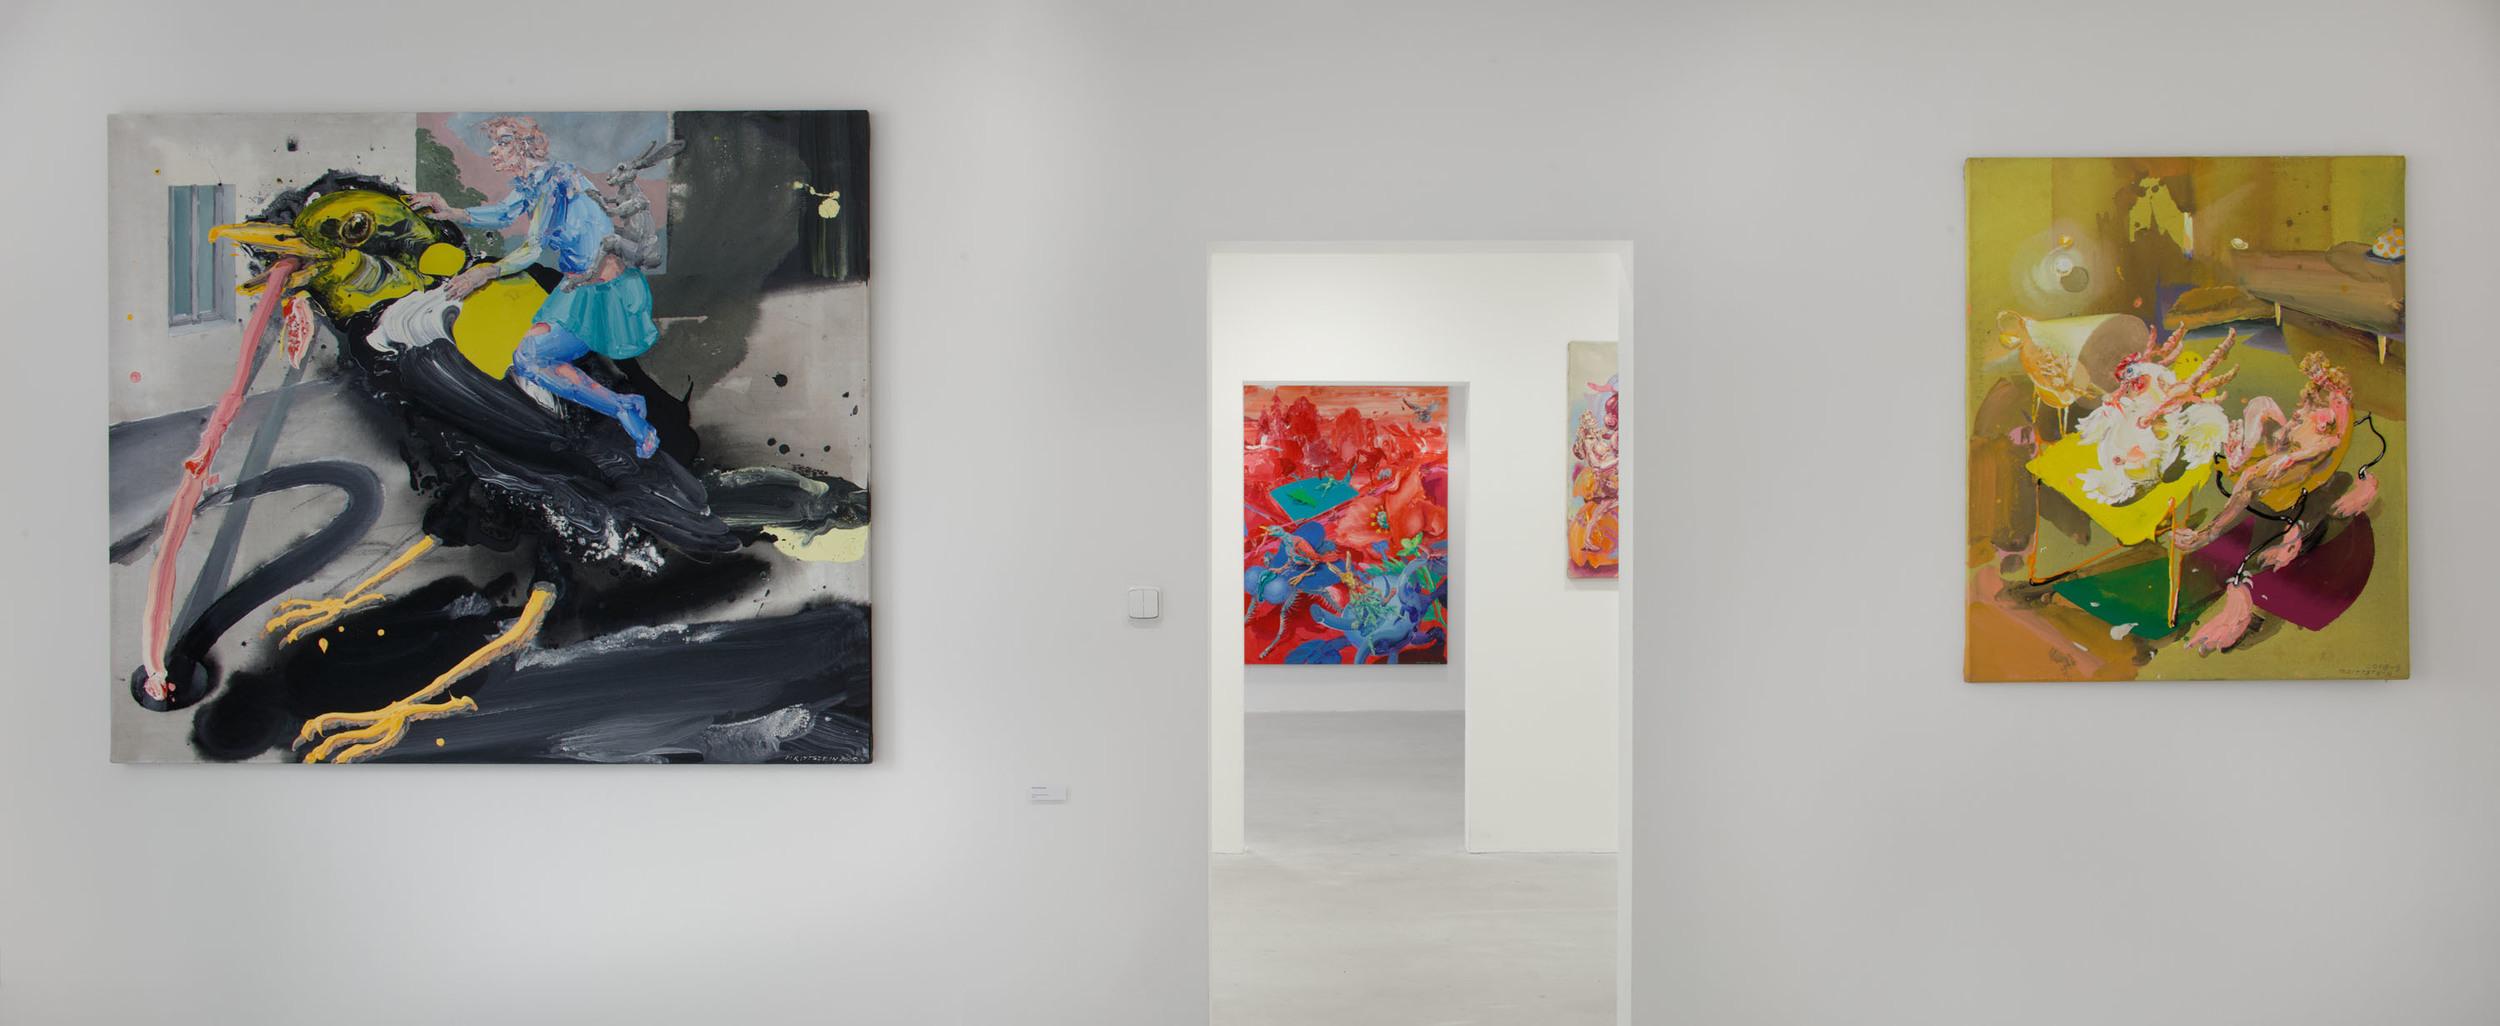 Michael Rittstein, Na žížaly (za školou), 2015, plátno, akryl, 180 x 150 cm      Michael Rittstein, Evoluce trvá, 2008–9, plátno, akryl, 100 x 120 cm